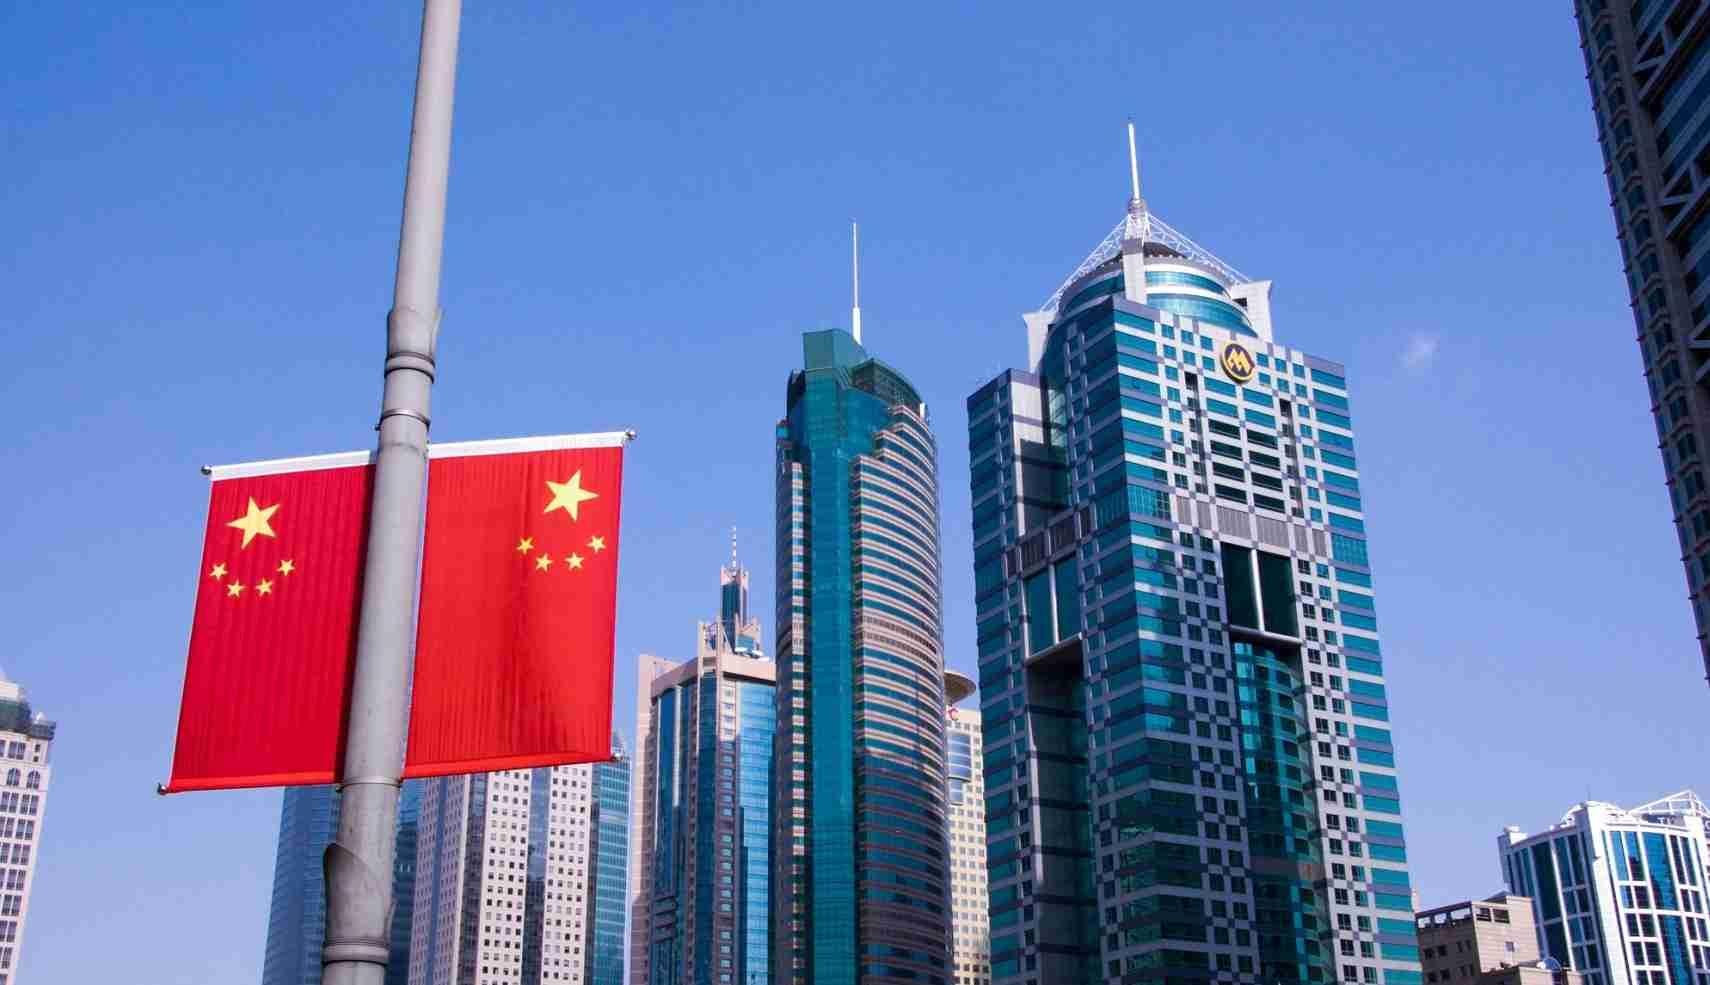 中国人が逃げられない、「戸籍格差」の現実   中国・台湾   東洋経済オンライン   経済ニュースの新基準